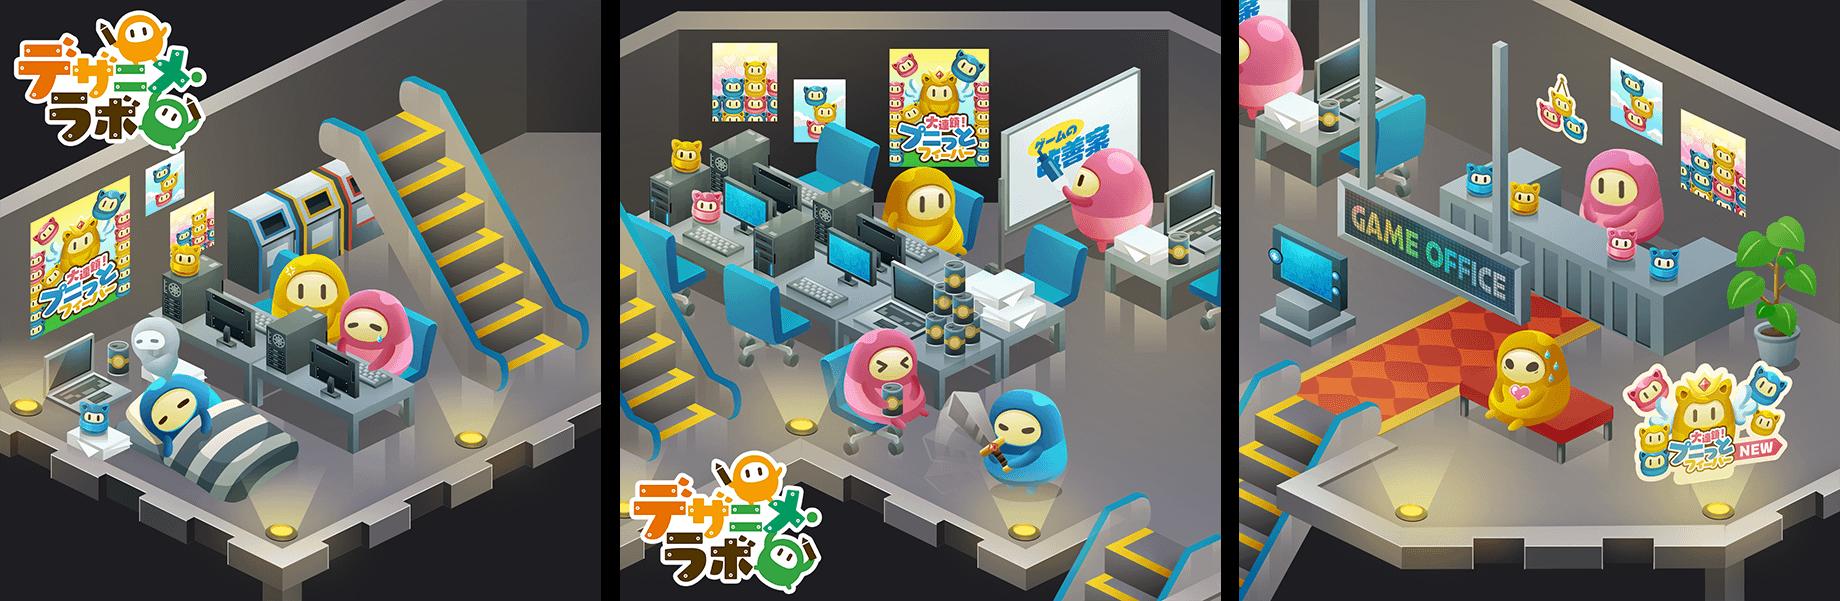 ゲーム会社オフィスエリア